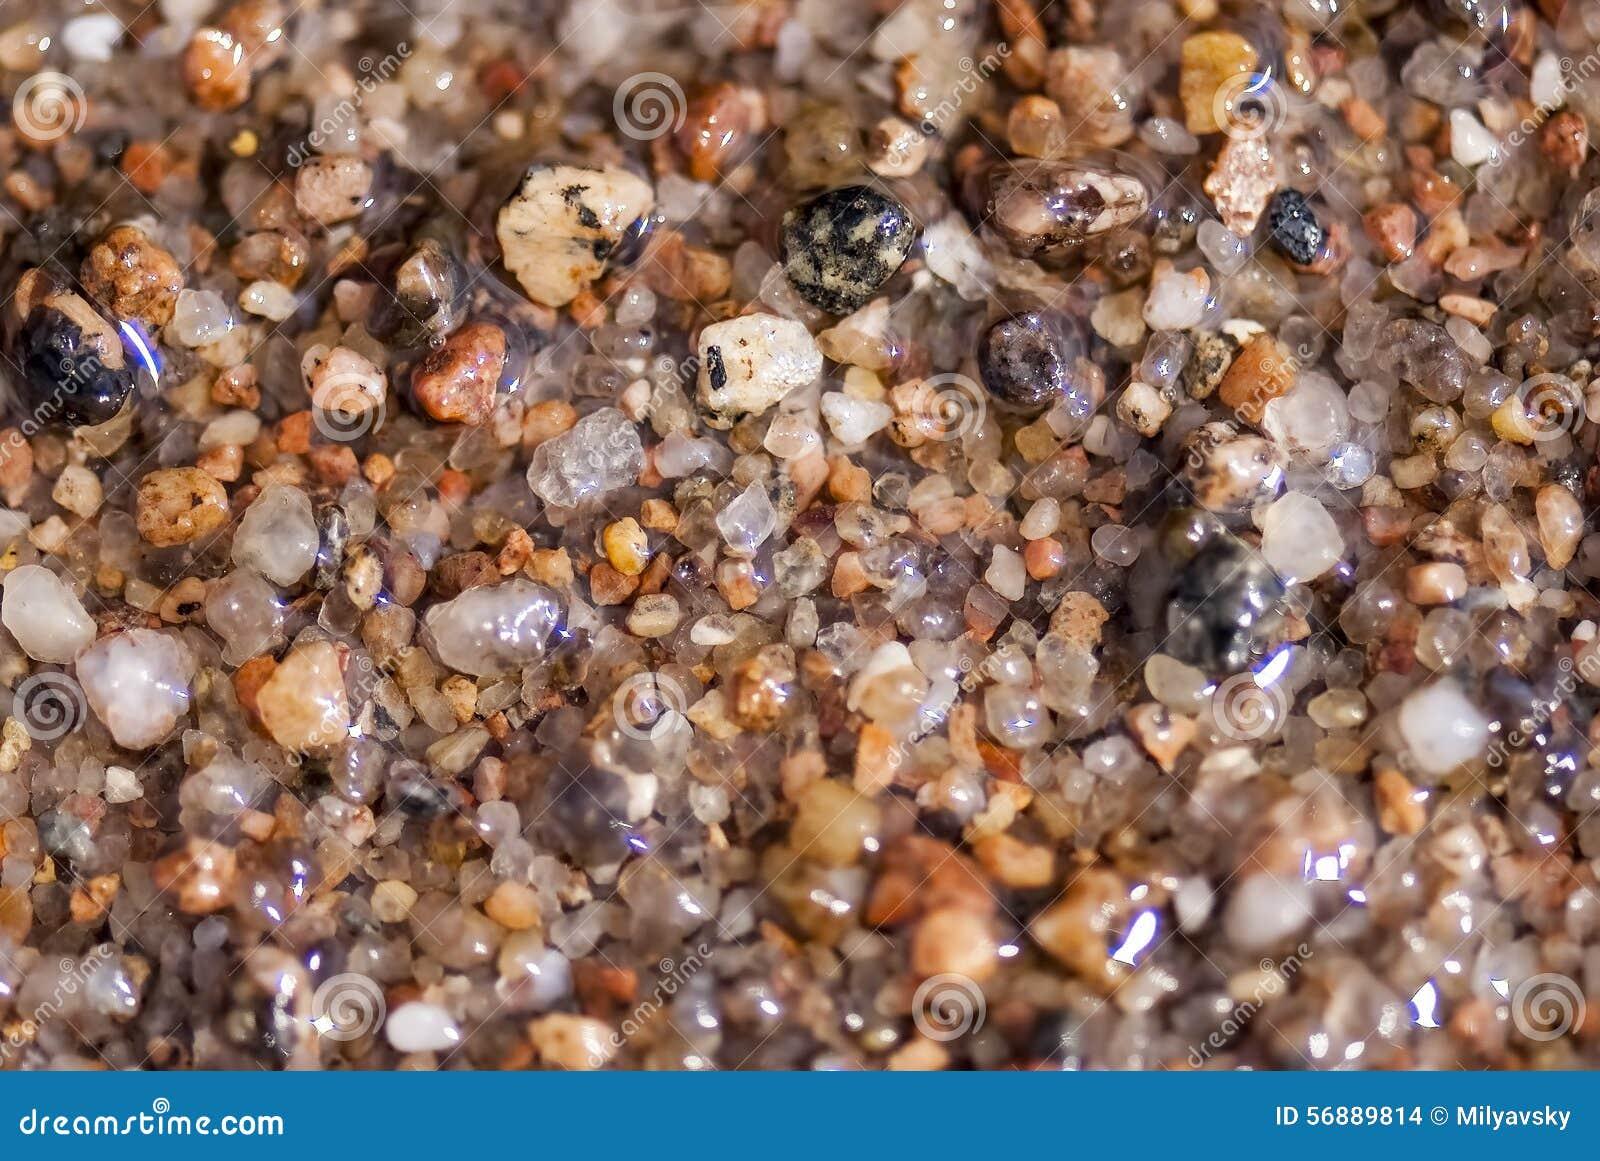 Sabbia di mare bagnata o ciottoli minuscoli, macro vista